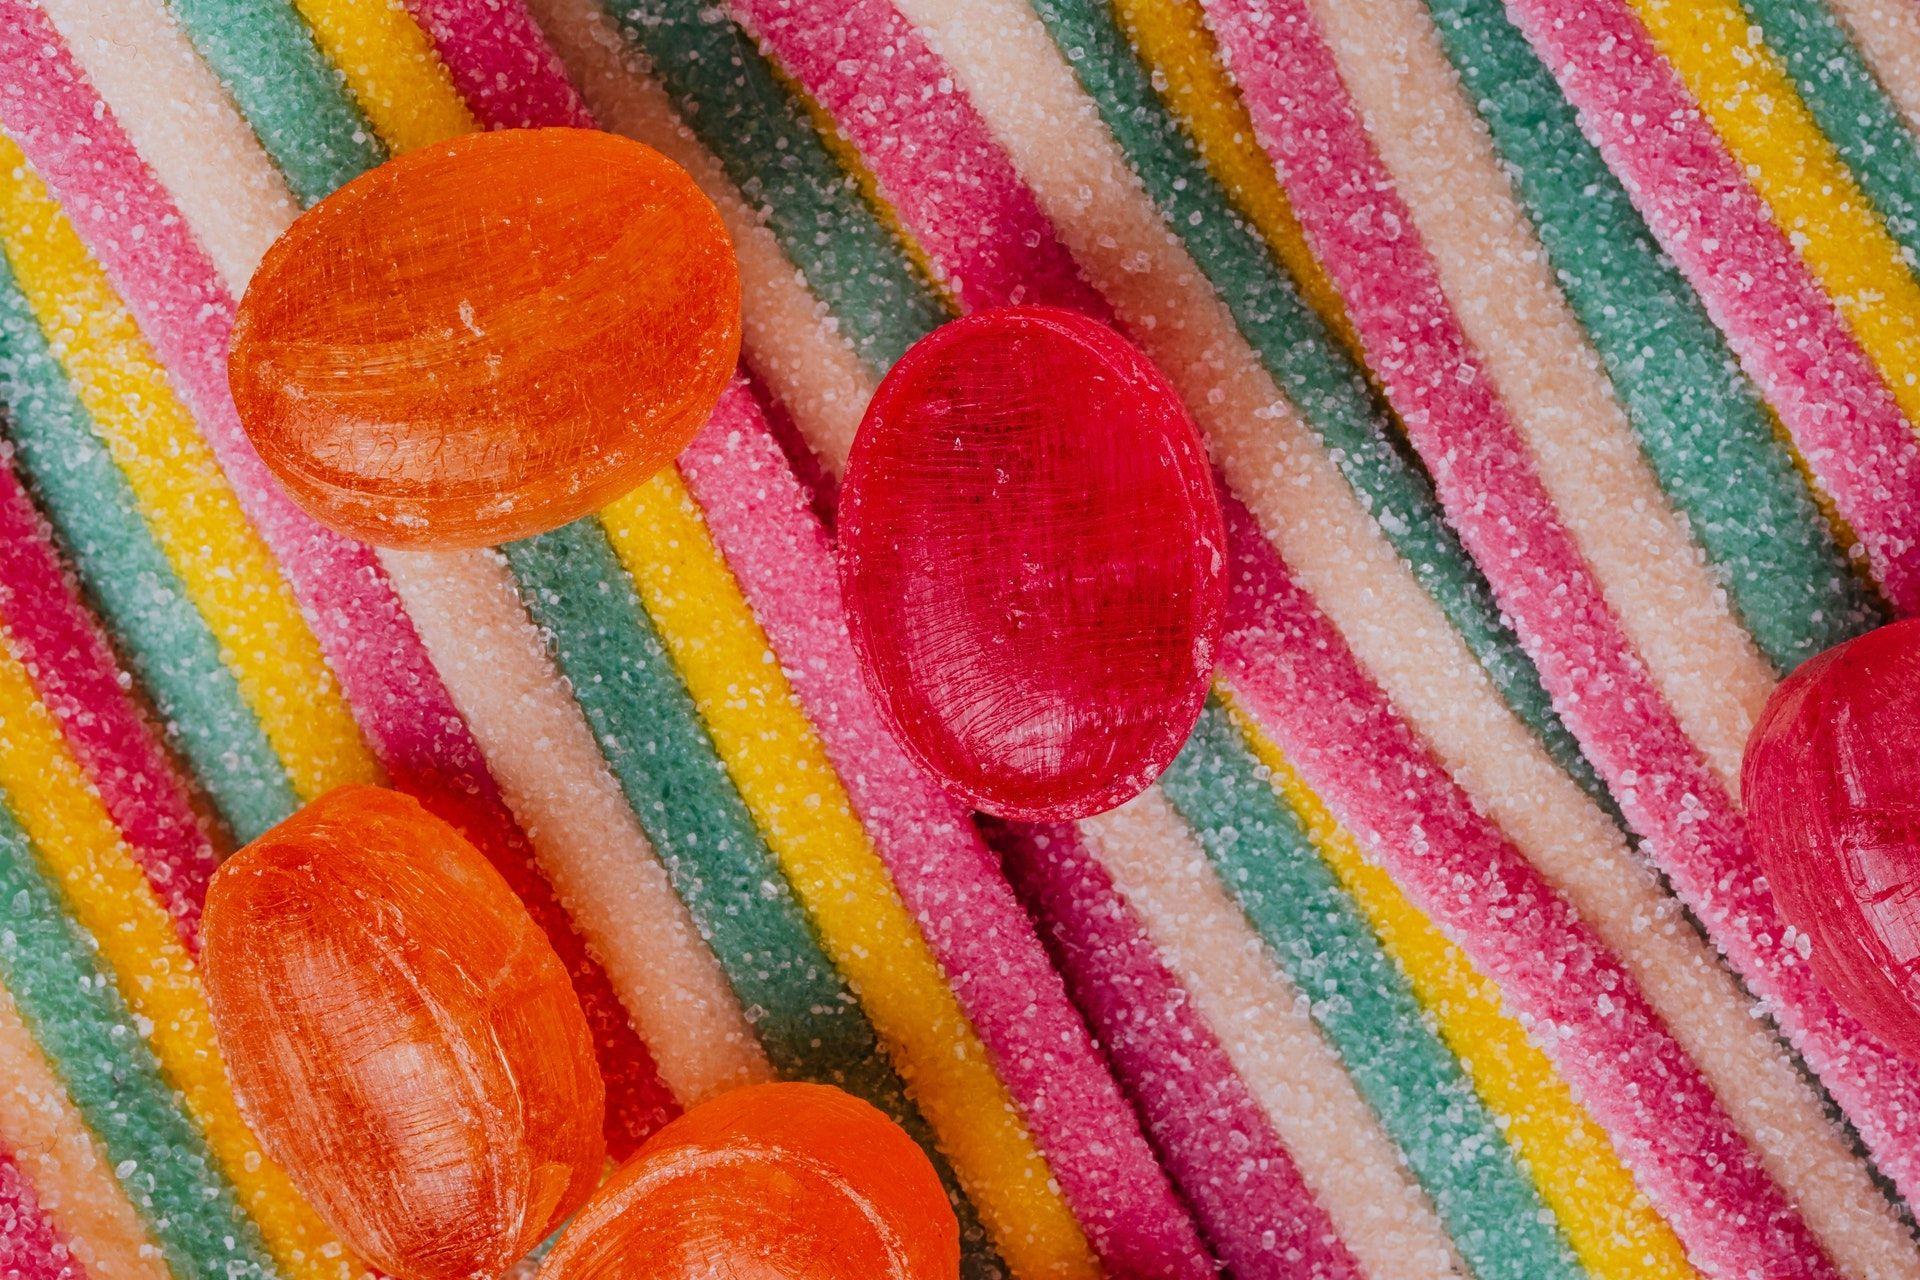 5 Healthier Sweet-Treat Alternatives Kids Will Surely Love